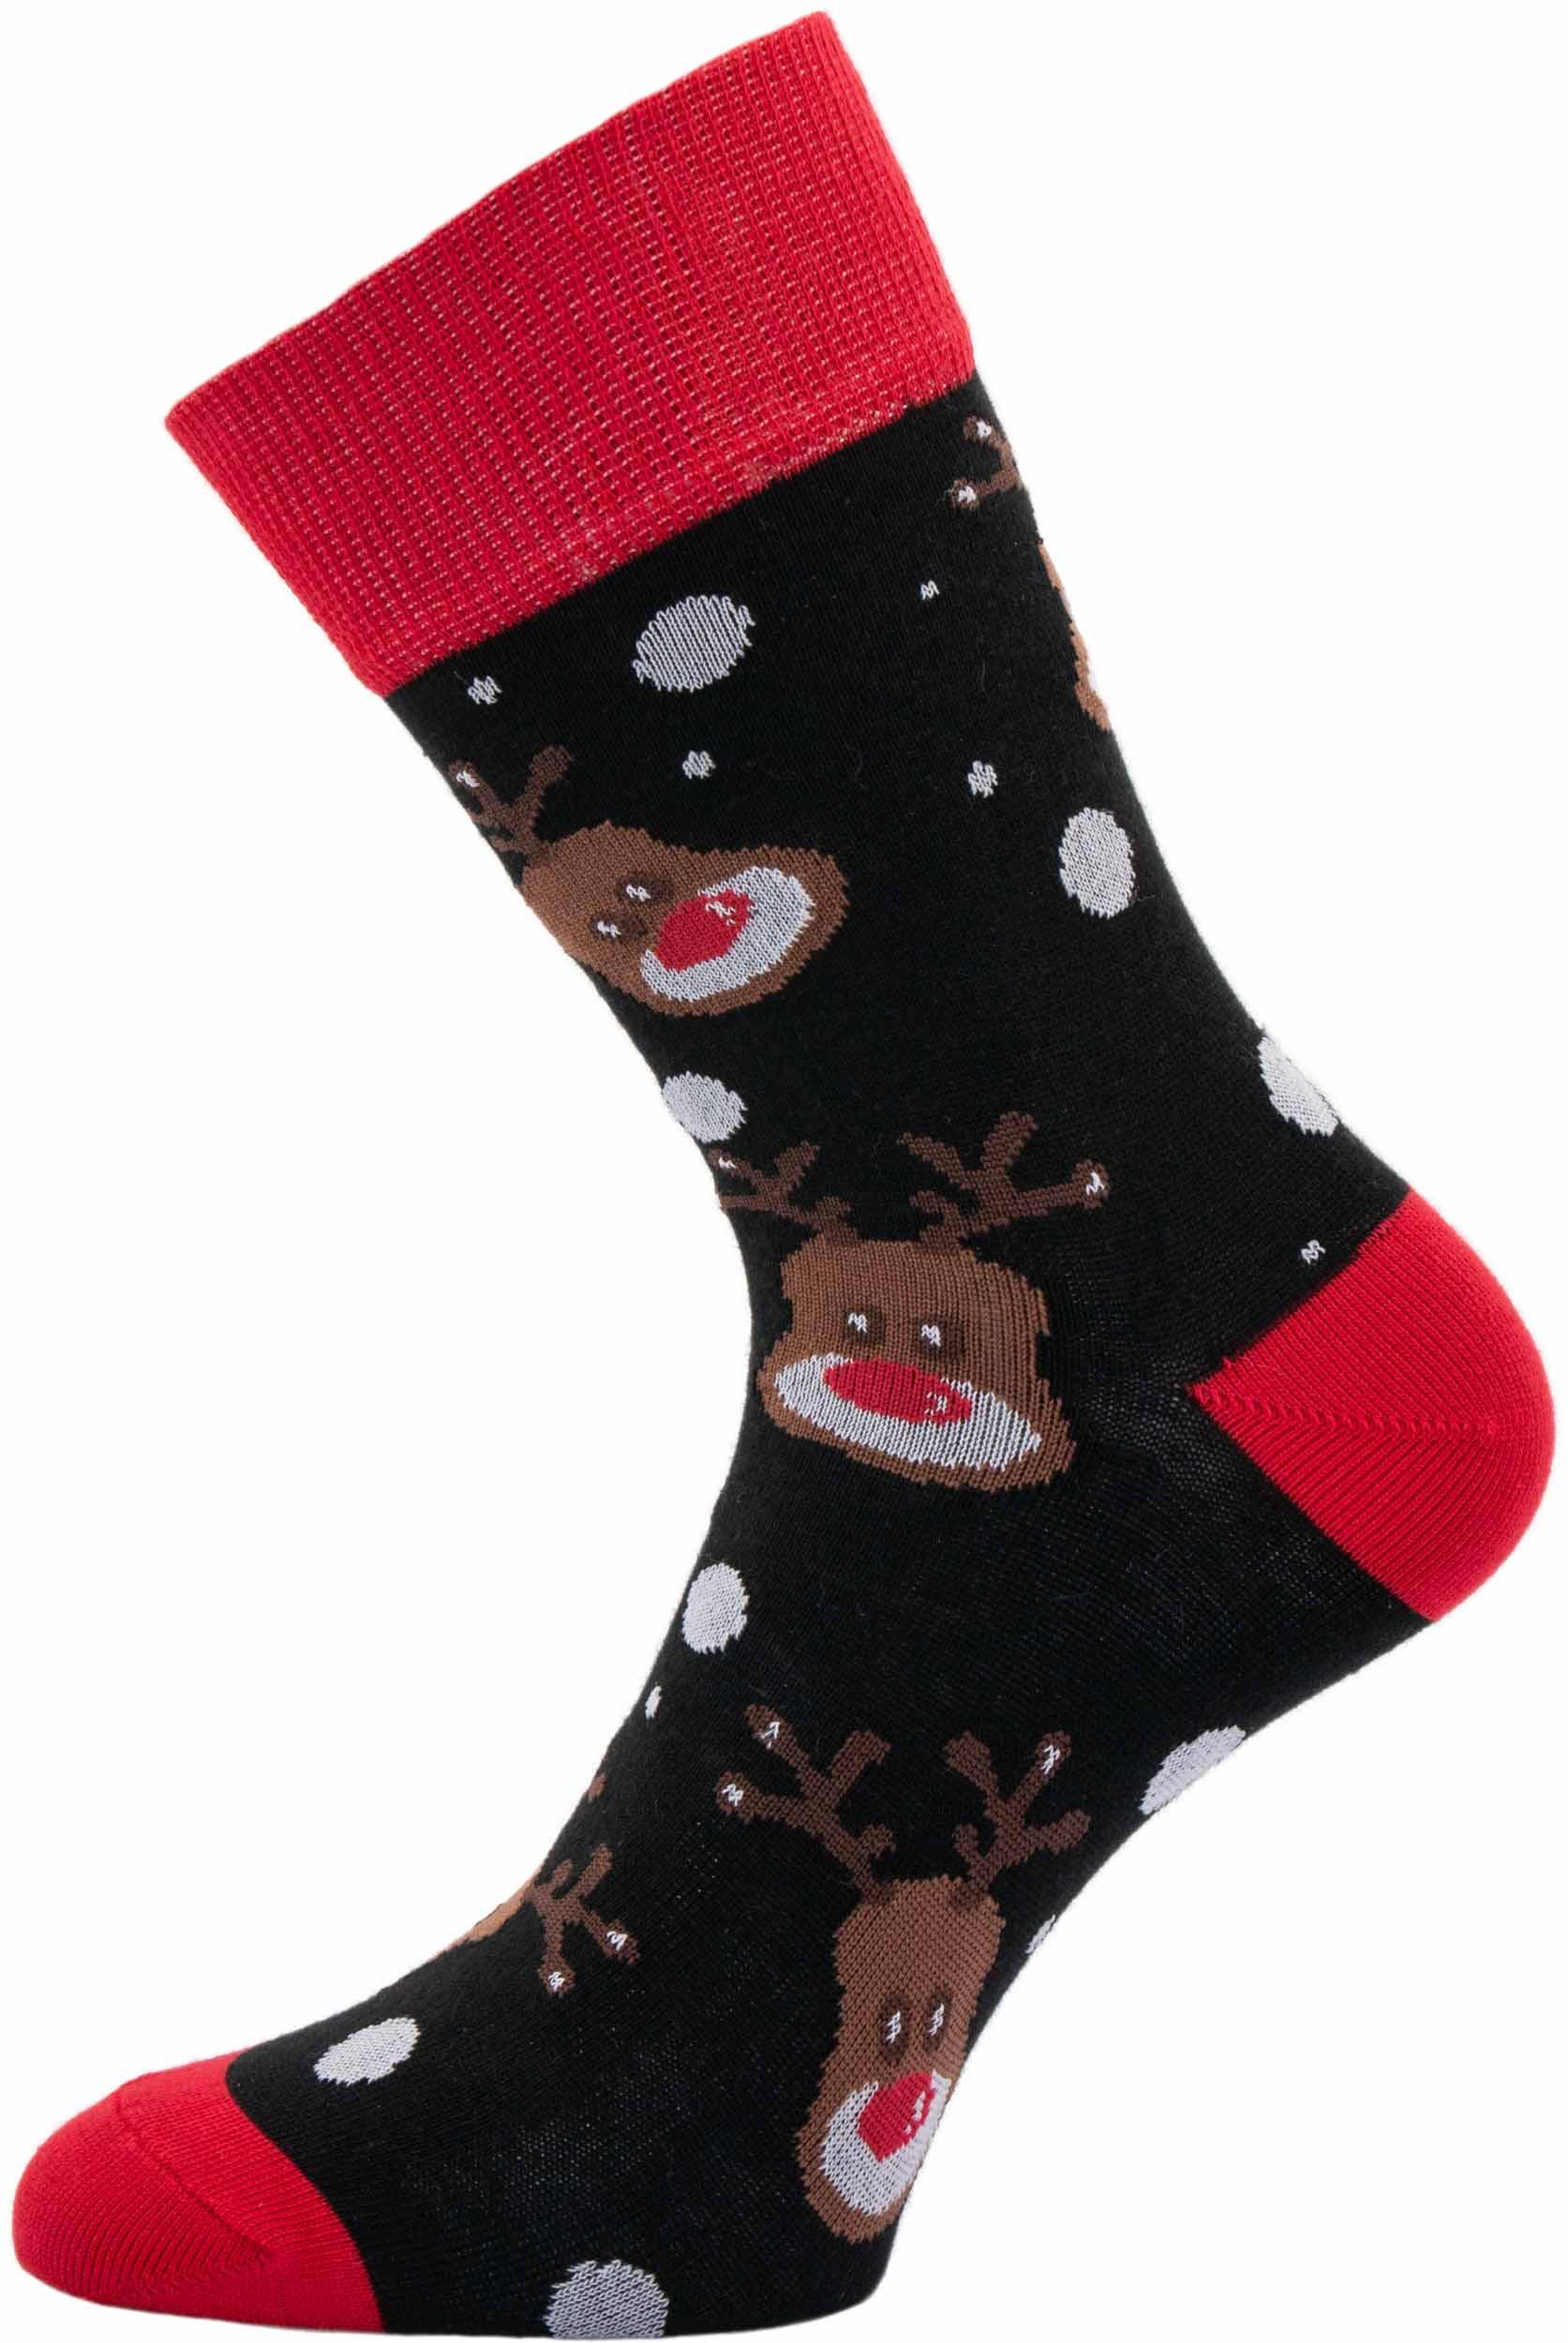 Dámské vánoční ponožky Sobi černé 37-41